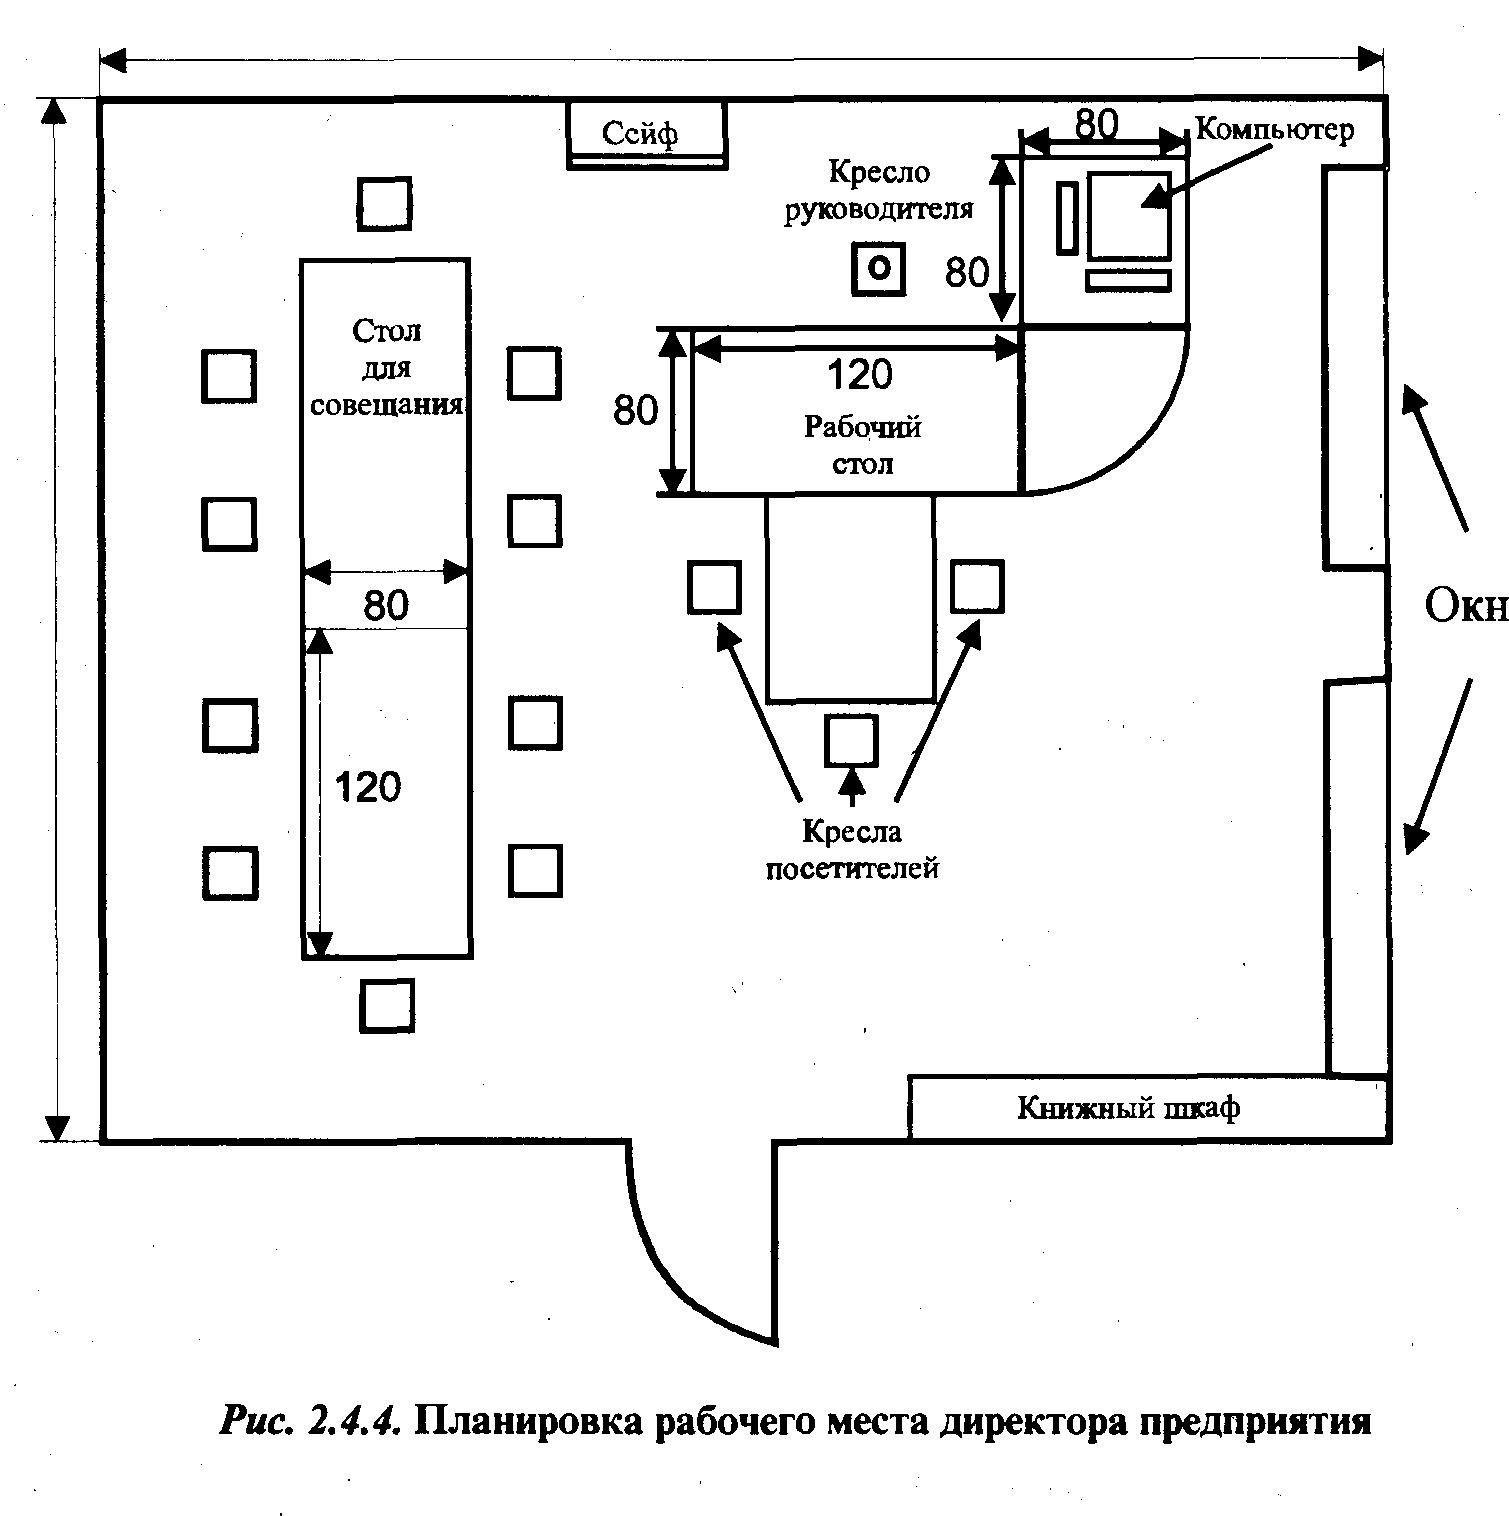 Схема размещения рабочих мест фото 171